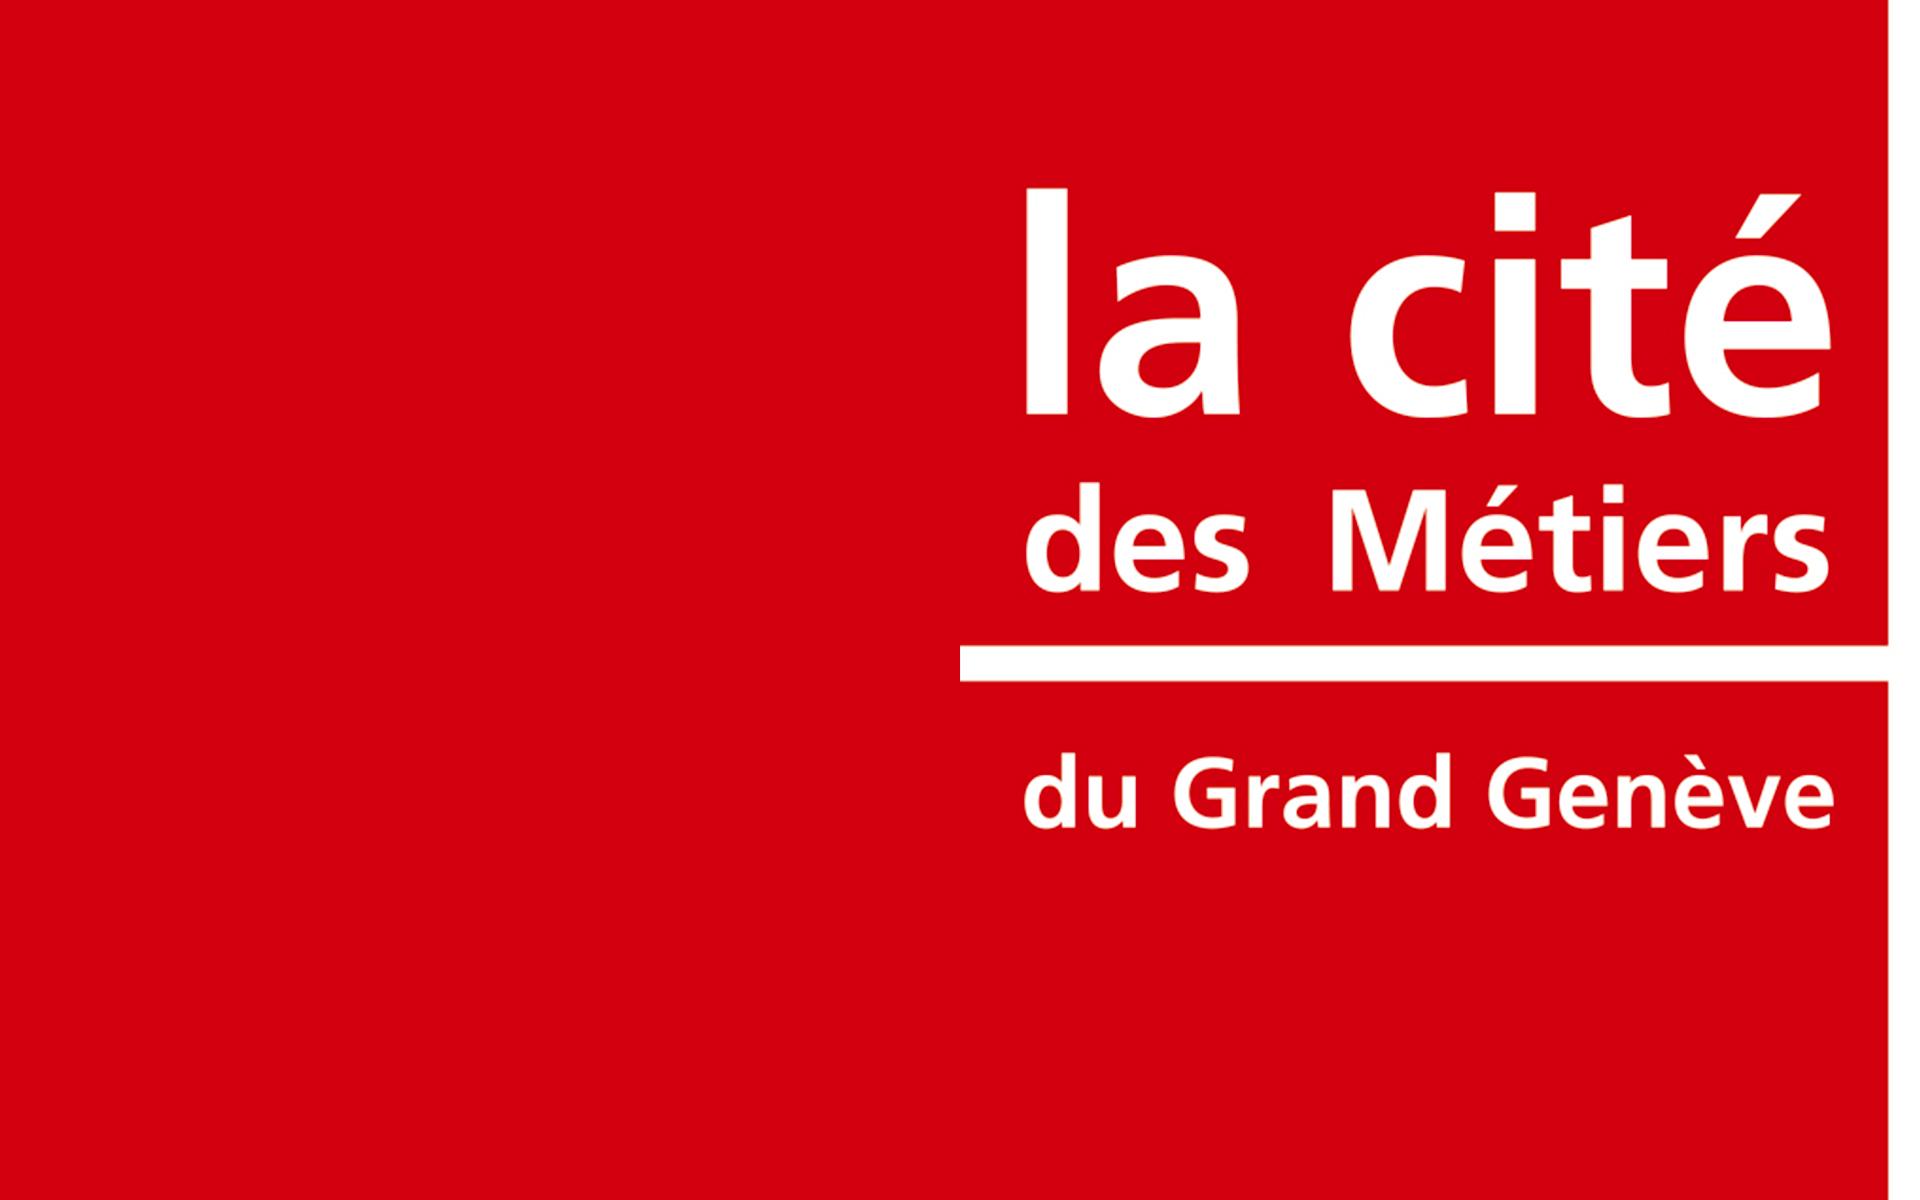 Centre associé de la Cité des Métiers du Grand Genève